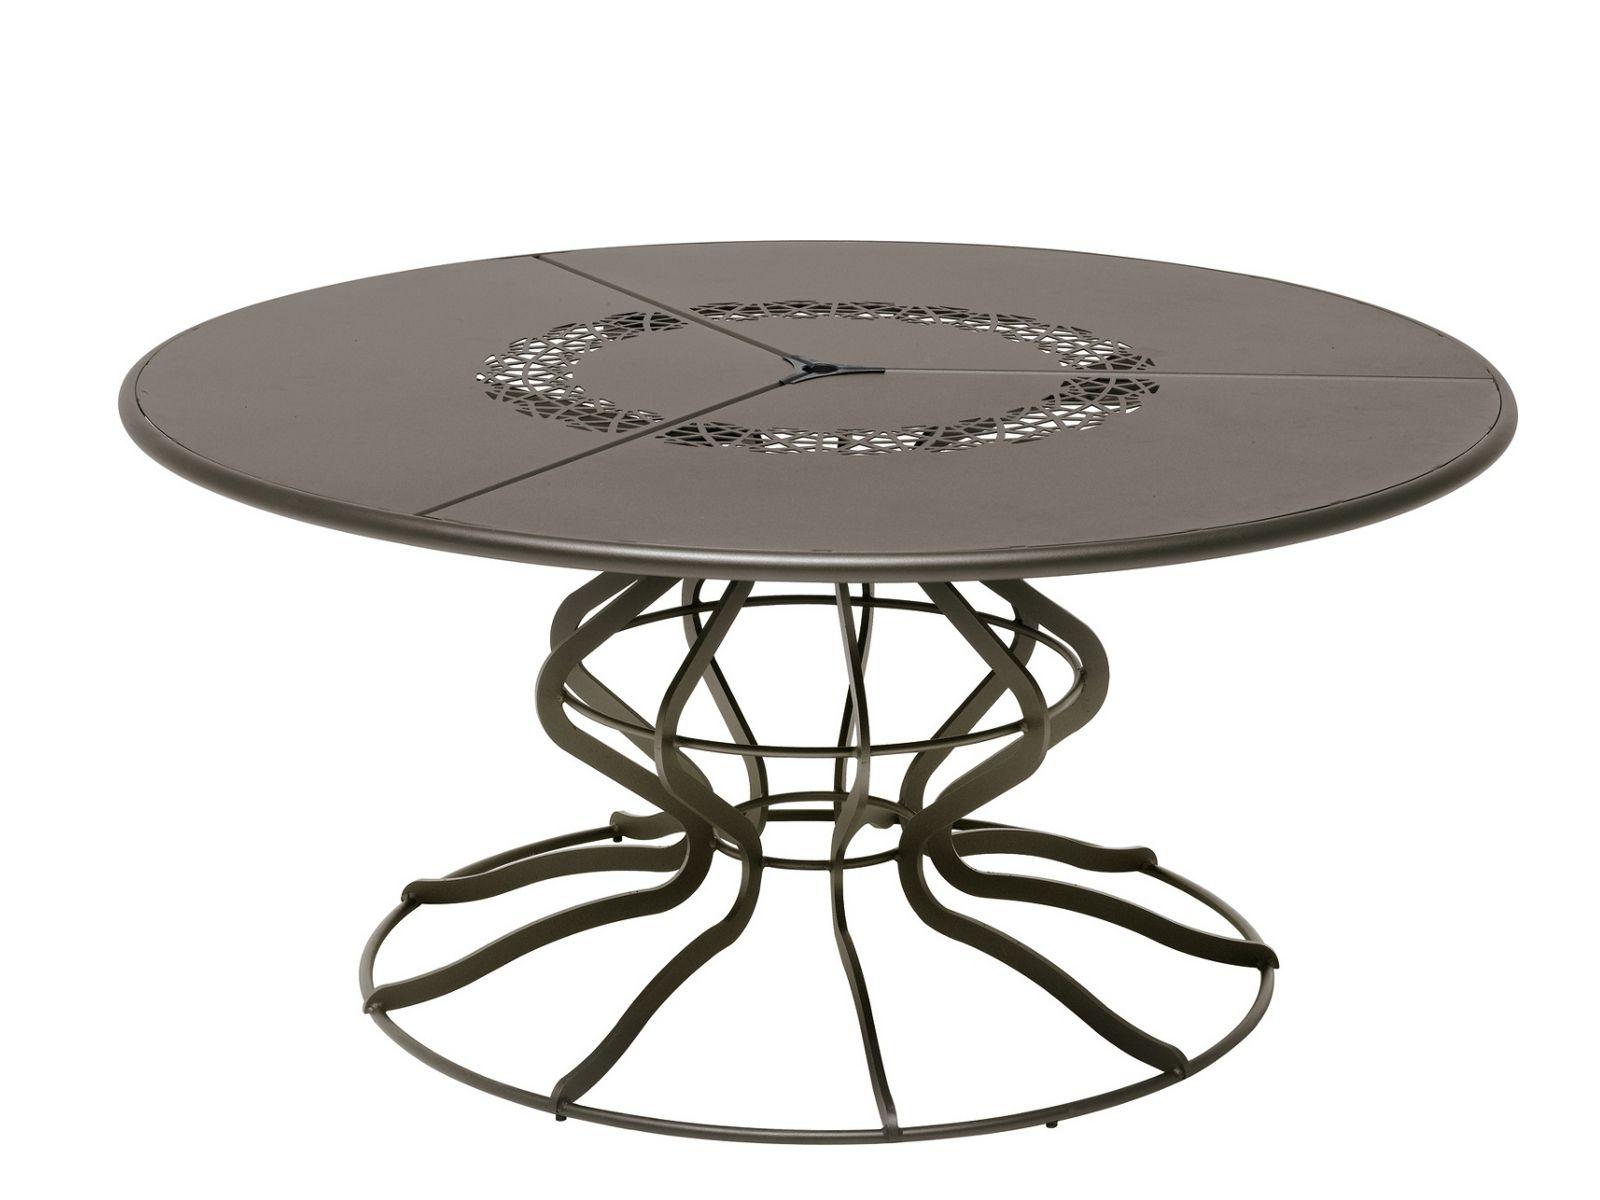 Table de jardin ronde en acier minuetto by emu group - Table jardin acier ...